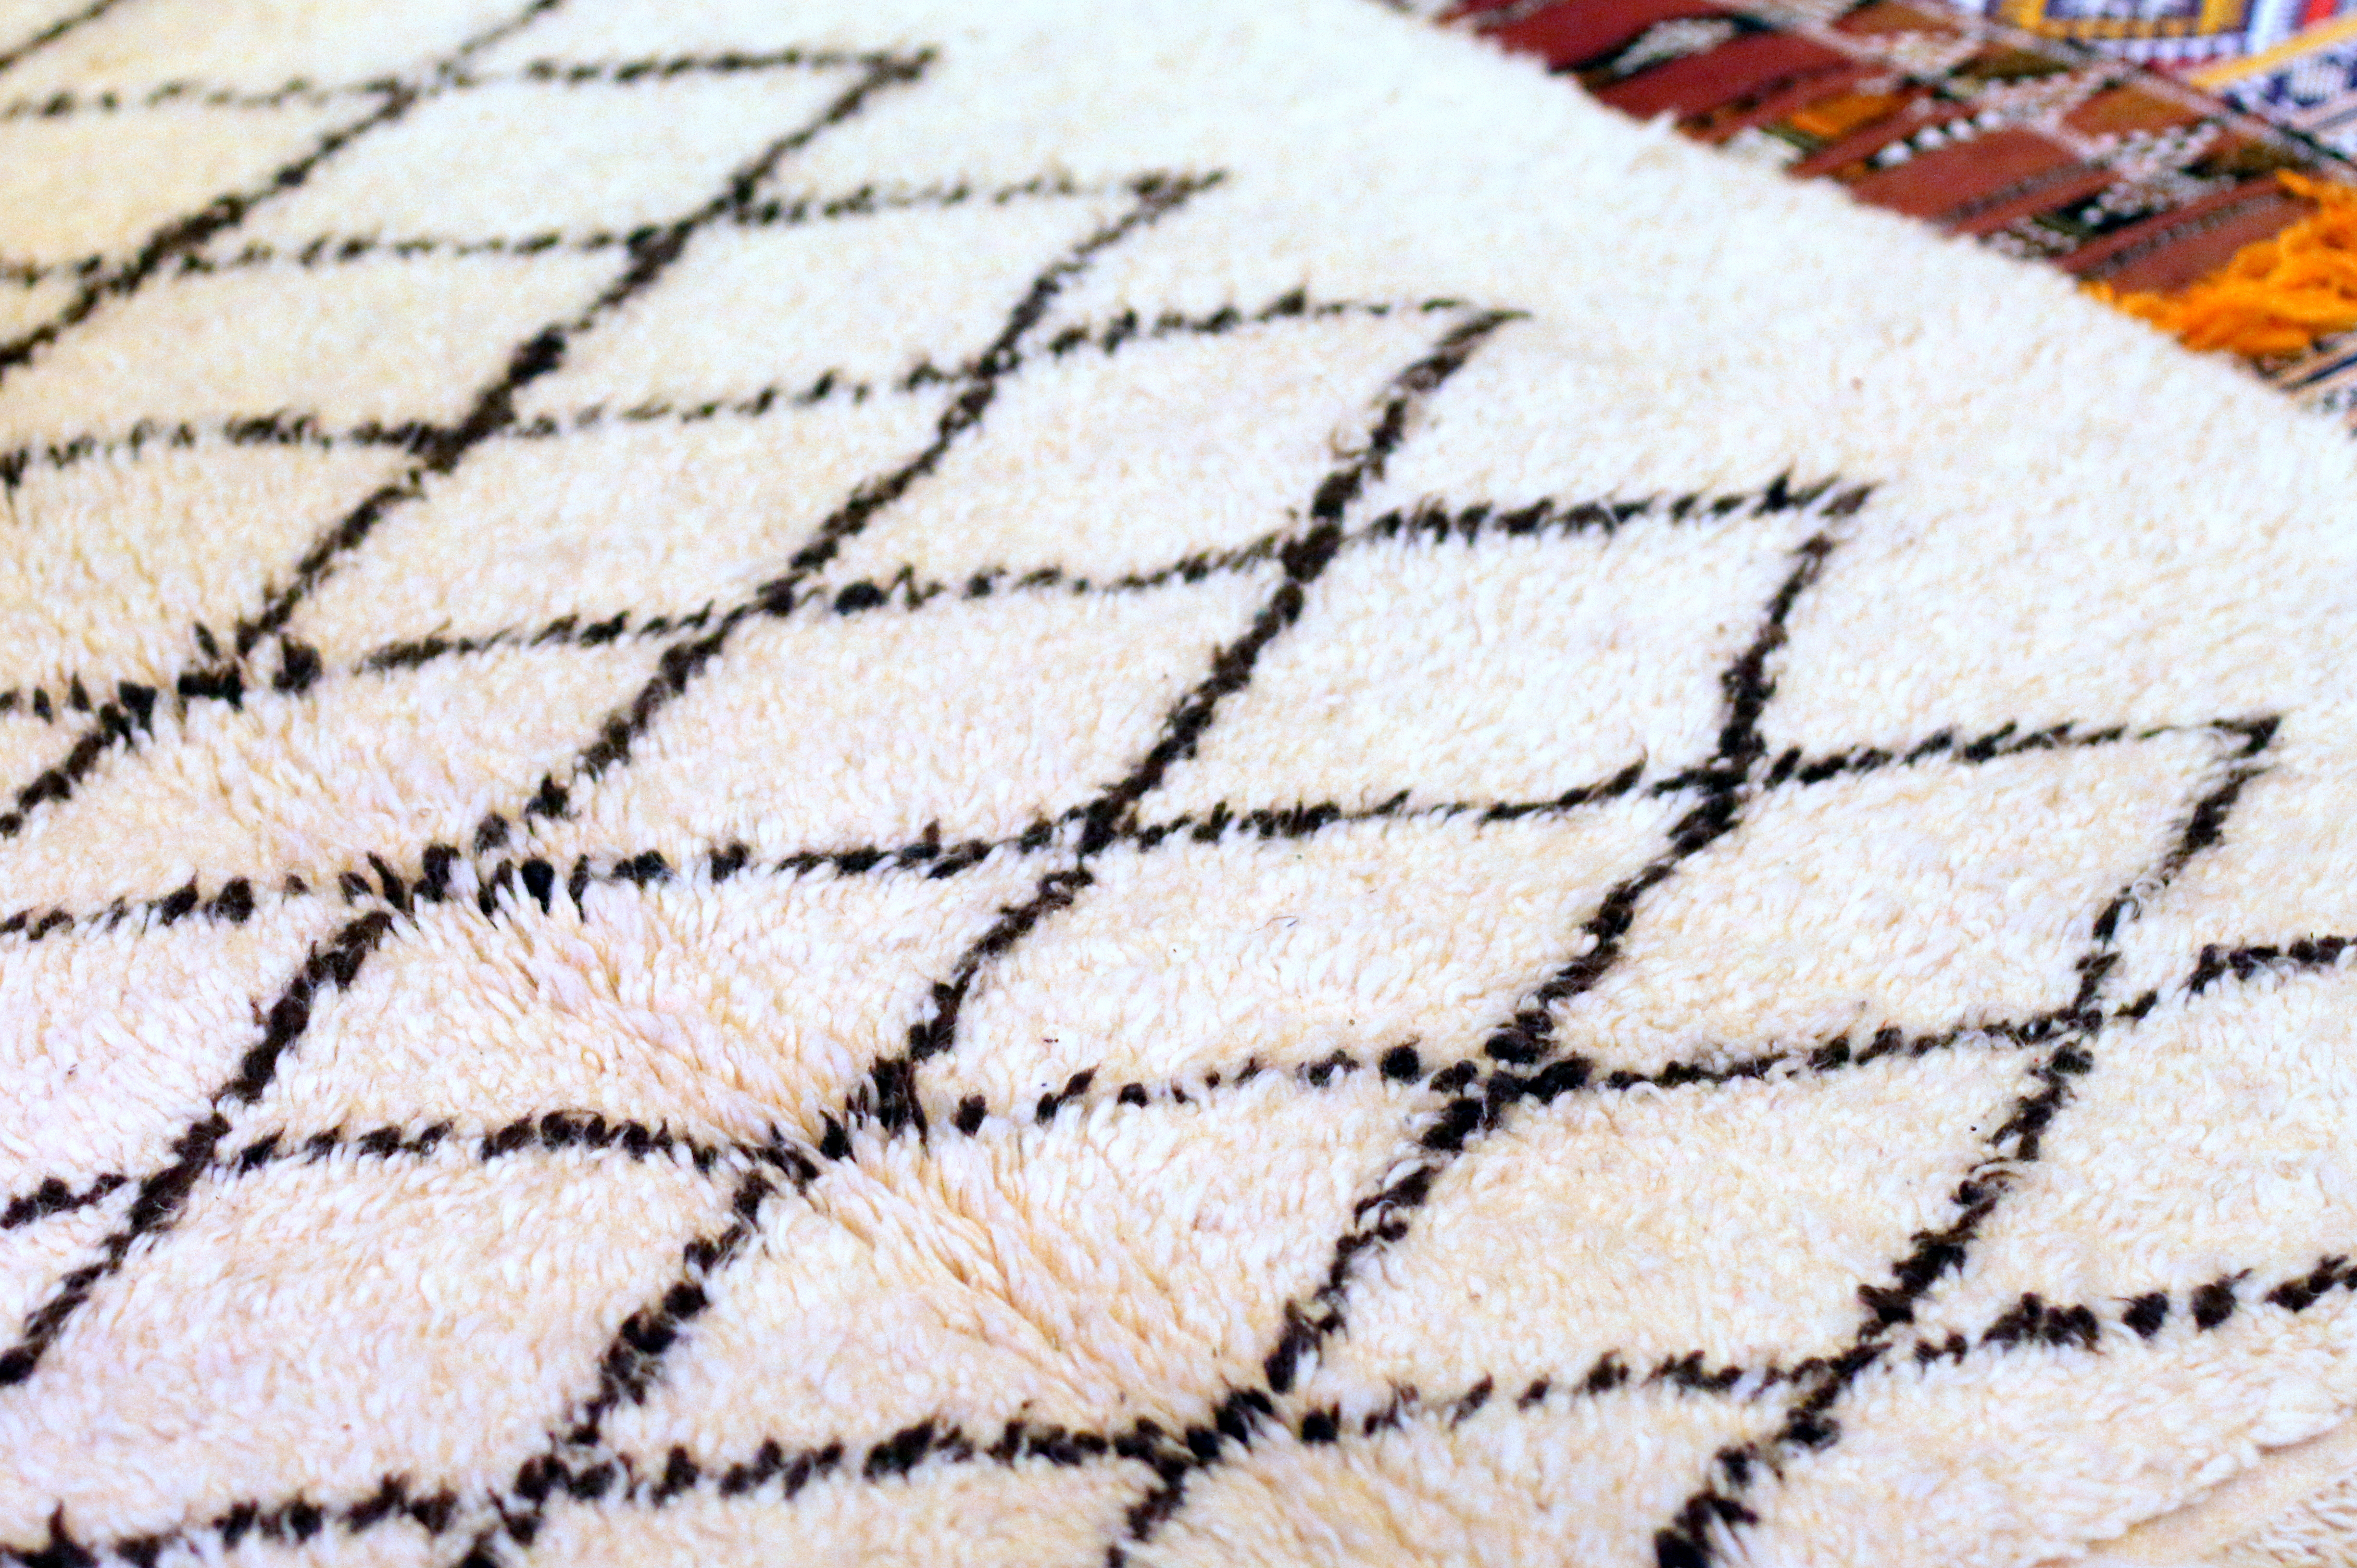 marrakech travel guide moroccan rug dar mejbar tapis marokkanischer teppich marrakesch shopping reiseblog